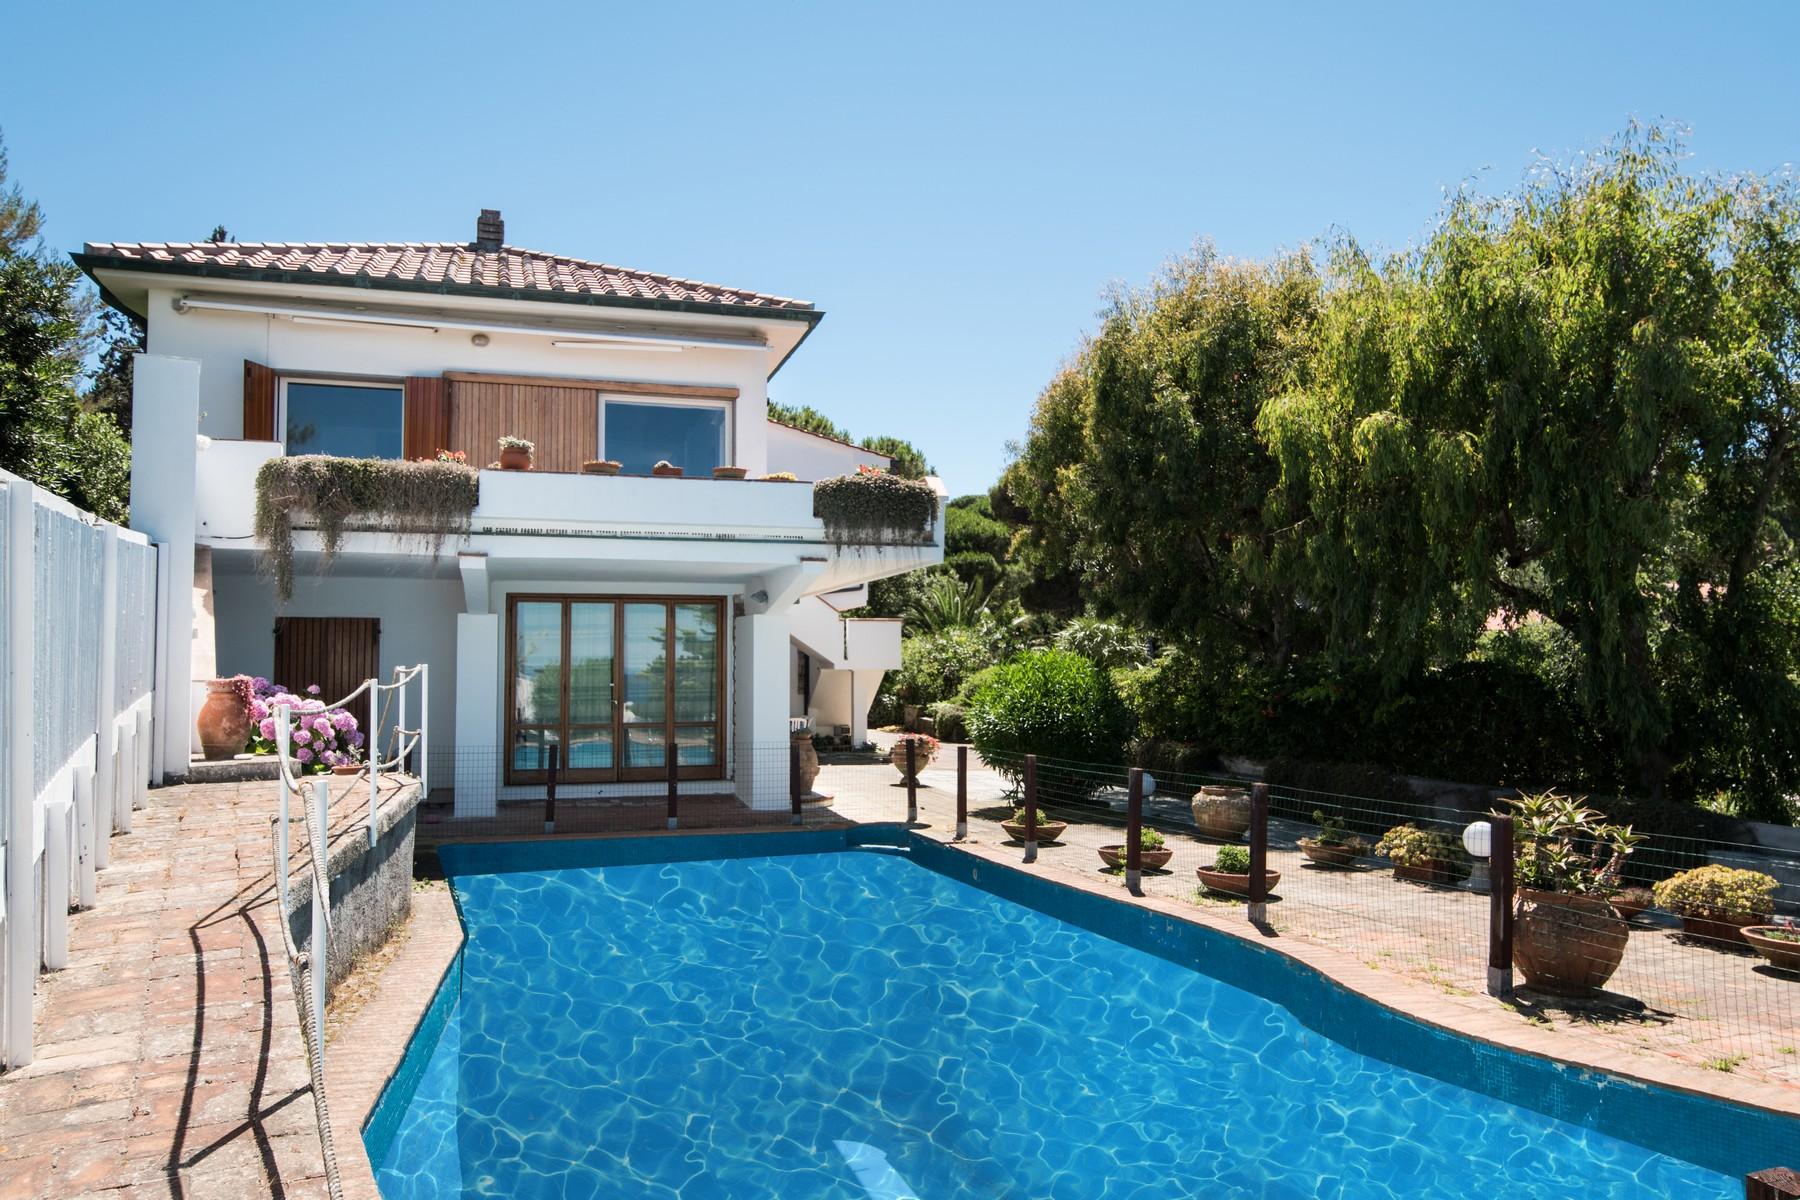 Villa in Vendita a Portoferraio: 5 locali, 300 mq - Foto 9